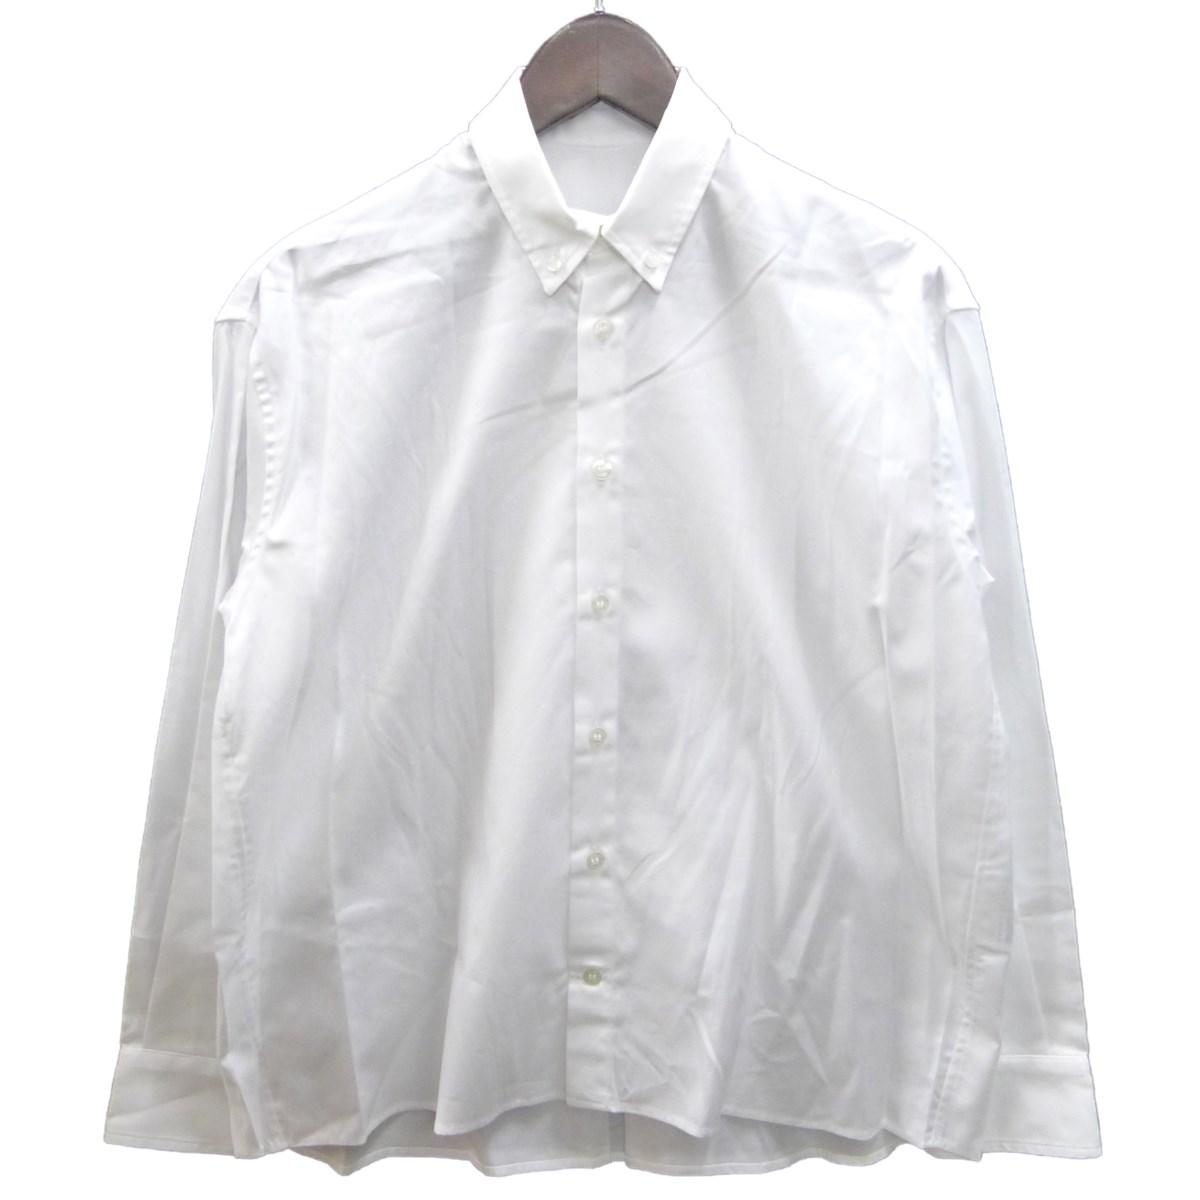 【中古】ANREALAGE ボタンダウンシャツ ホワイト サイズ:38 【020420】(アンリアレイジ)